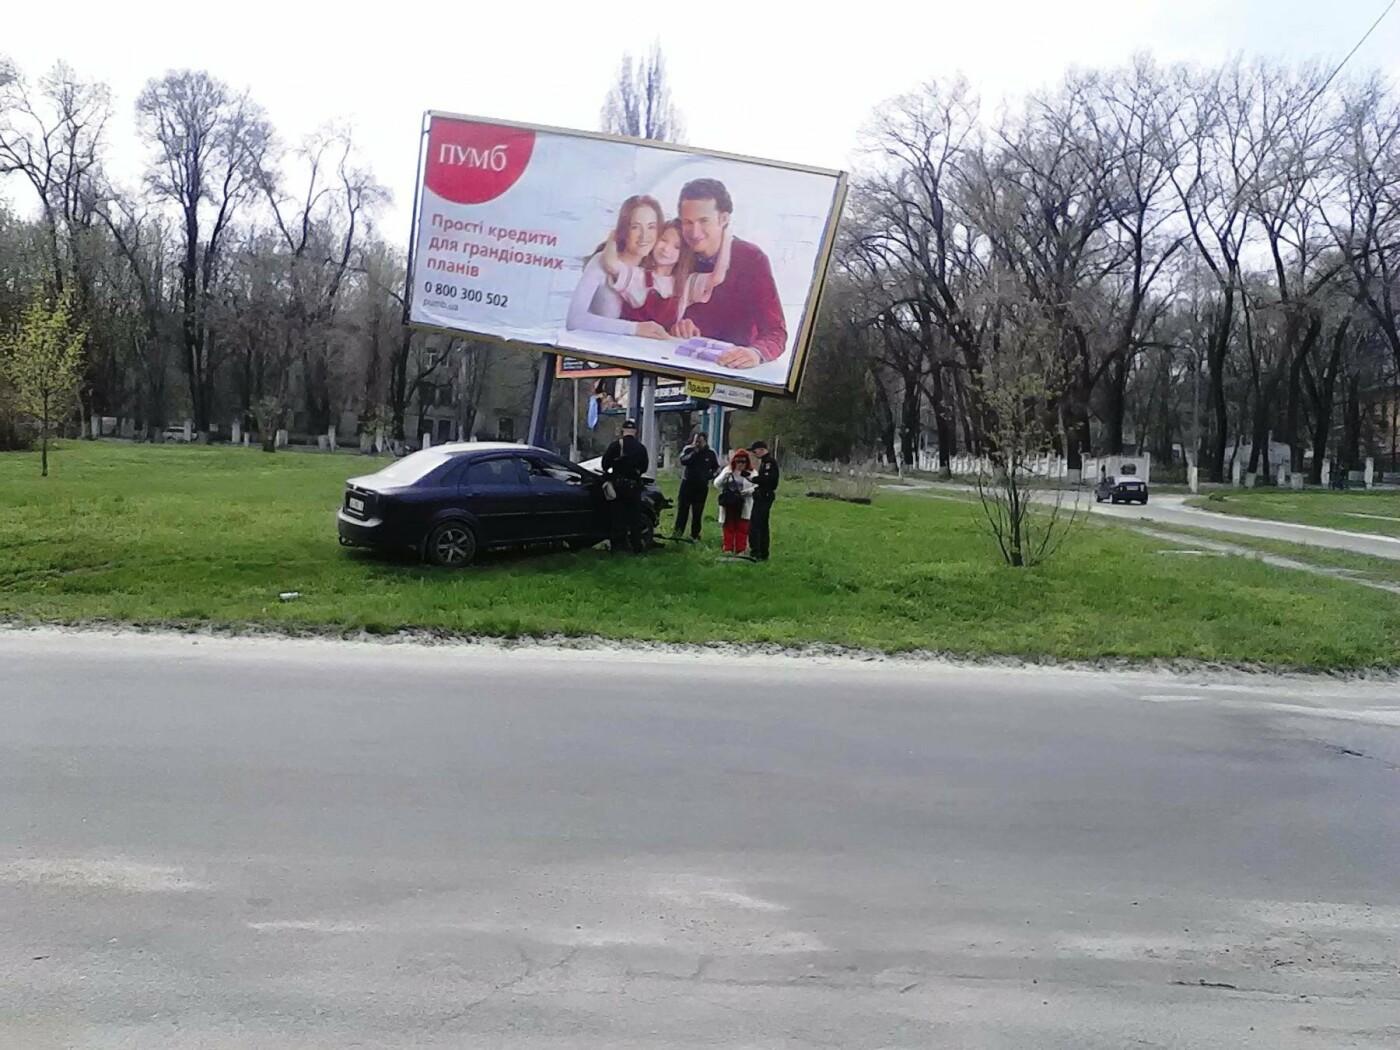 В Каменском на проспекте Аношкина Chevrolet сбил рекламный щит, фото-3